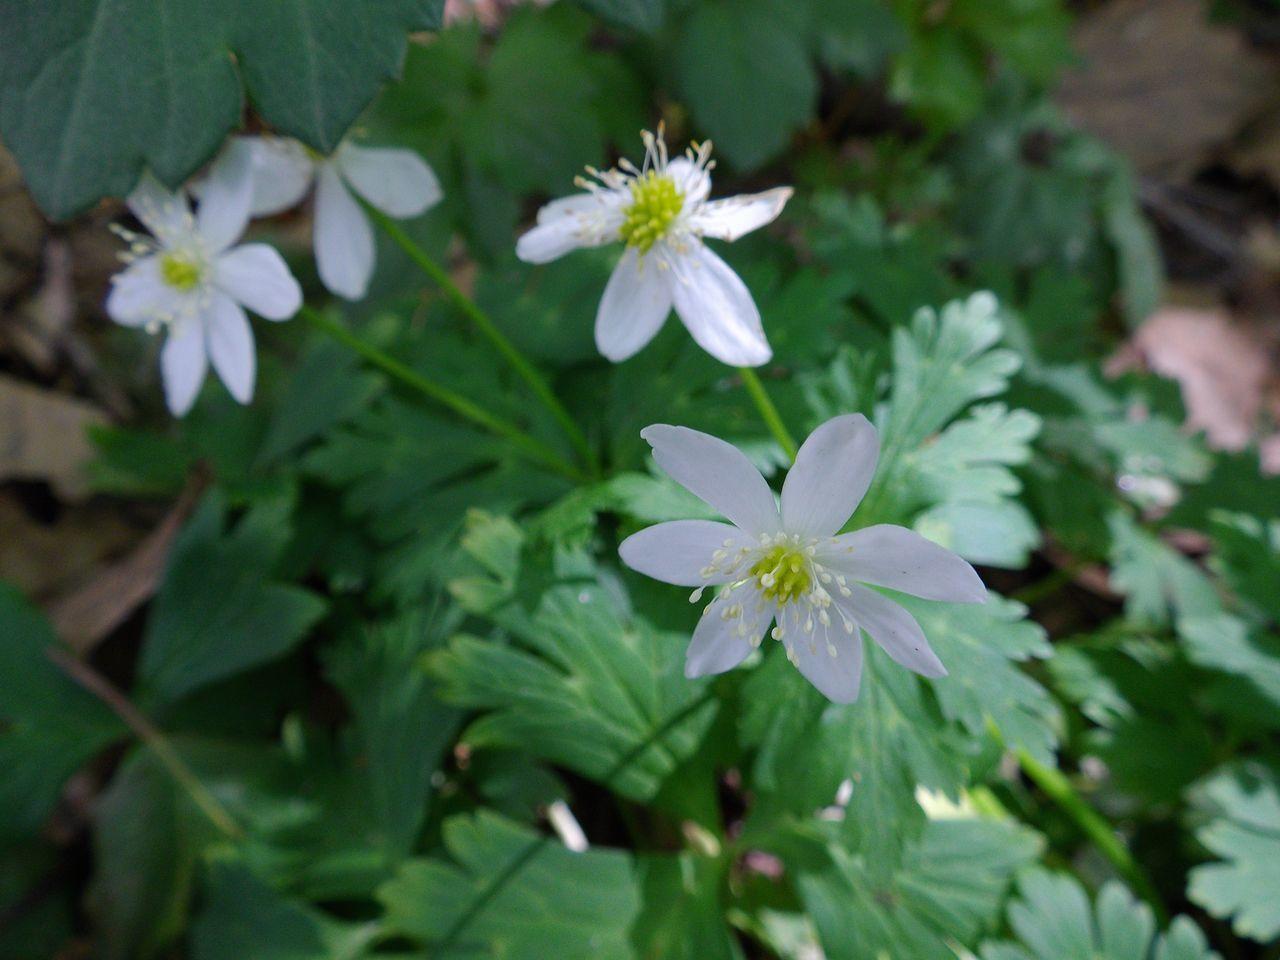 白い花の春_c0025115_19144445.jpg